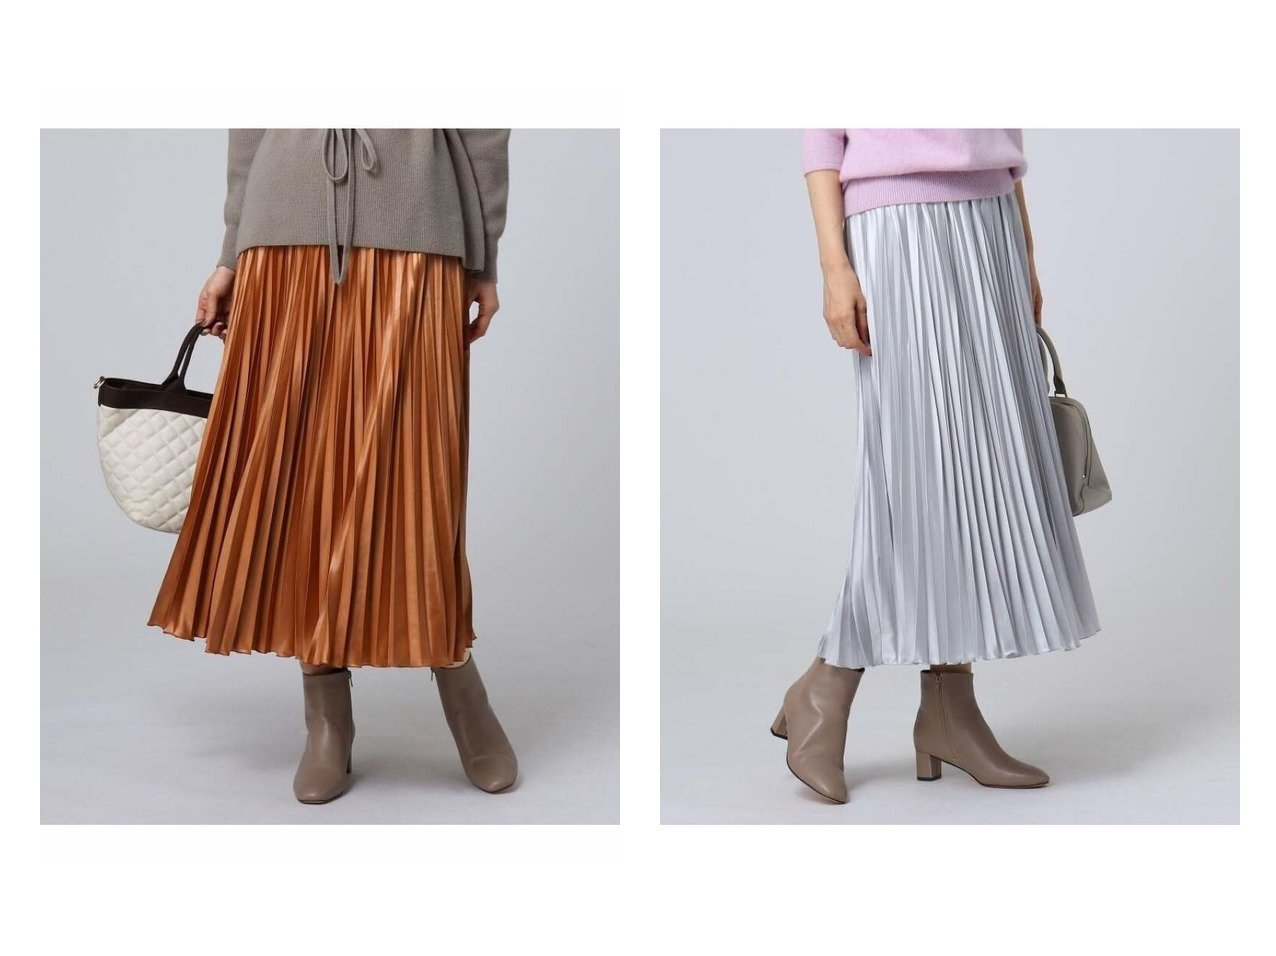 【UNTITLED/アンタイトル】の【洗える】チンツバルブサテンプリーツスカート スカートのおすすめ!人気、レディースファッションの通販 おすすめで人気のファッション通販商品 インテリア・家具・キッズファッション・メンズファッション・レディースファッション・服の通販 founy(ファニー) https://founy.com/ ファッション Fashion レディース WOMEN スカート Skirt プリーツスカート Pleated Skirts ロングスカート Long Skirt サテン ショート プリーツ ロング ローズ |ID:crp329100000002720